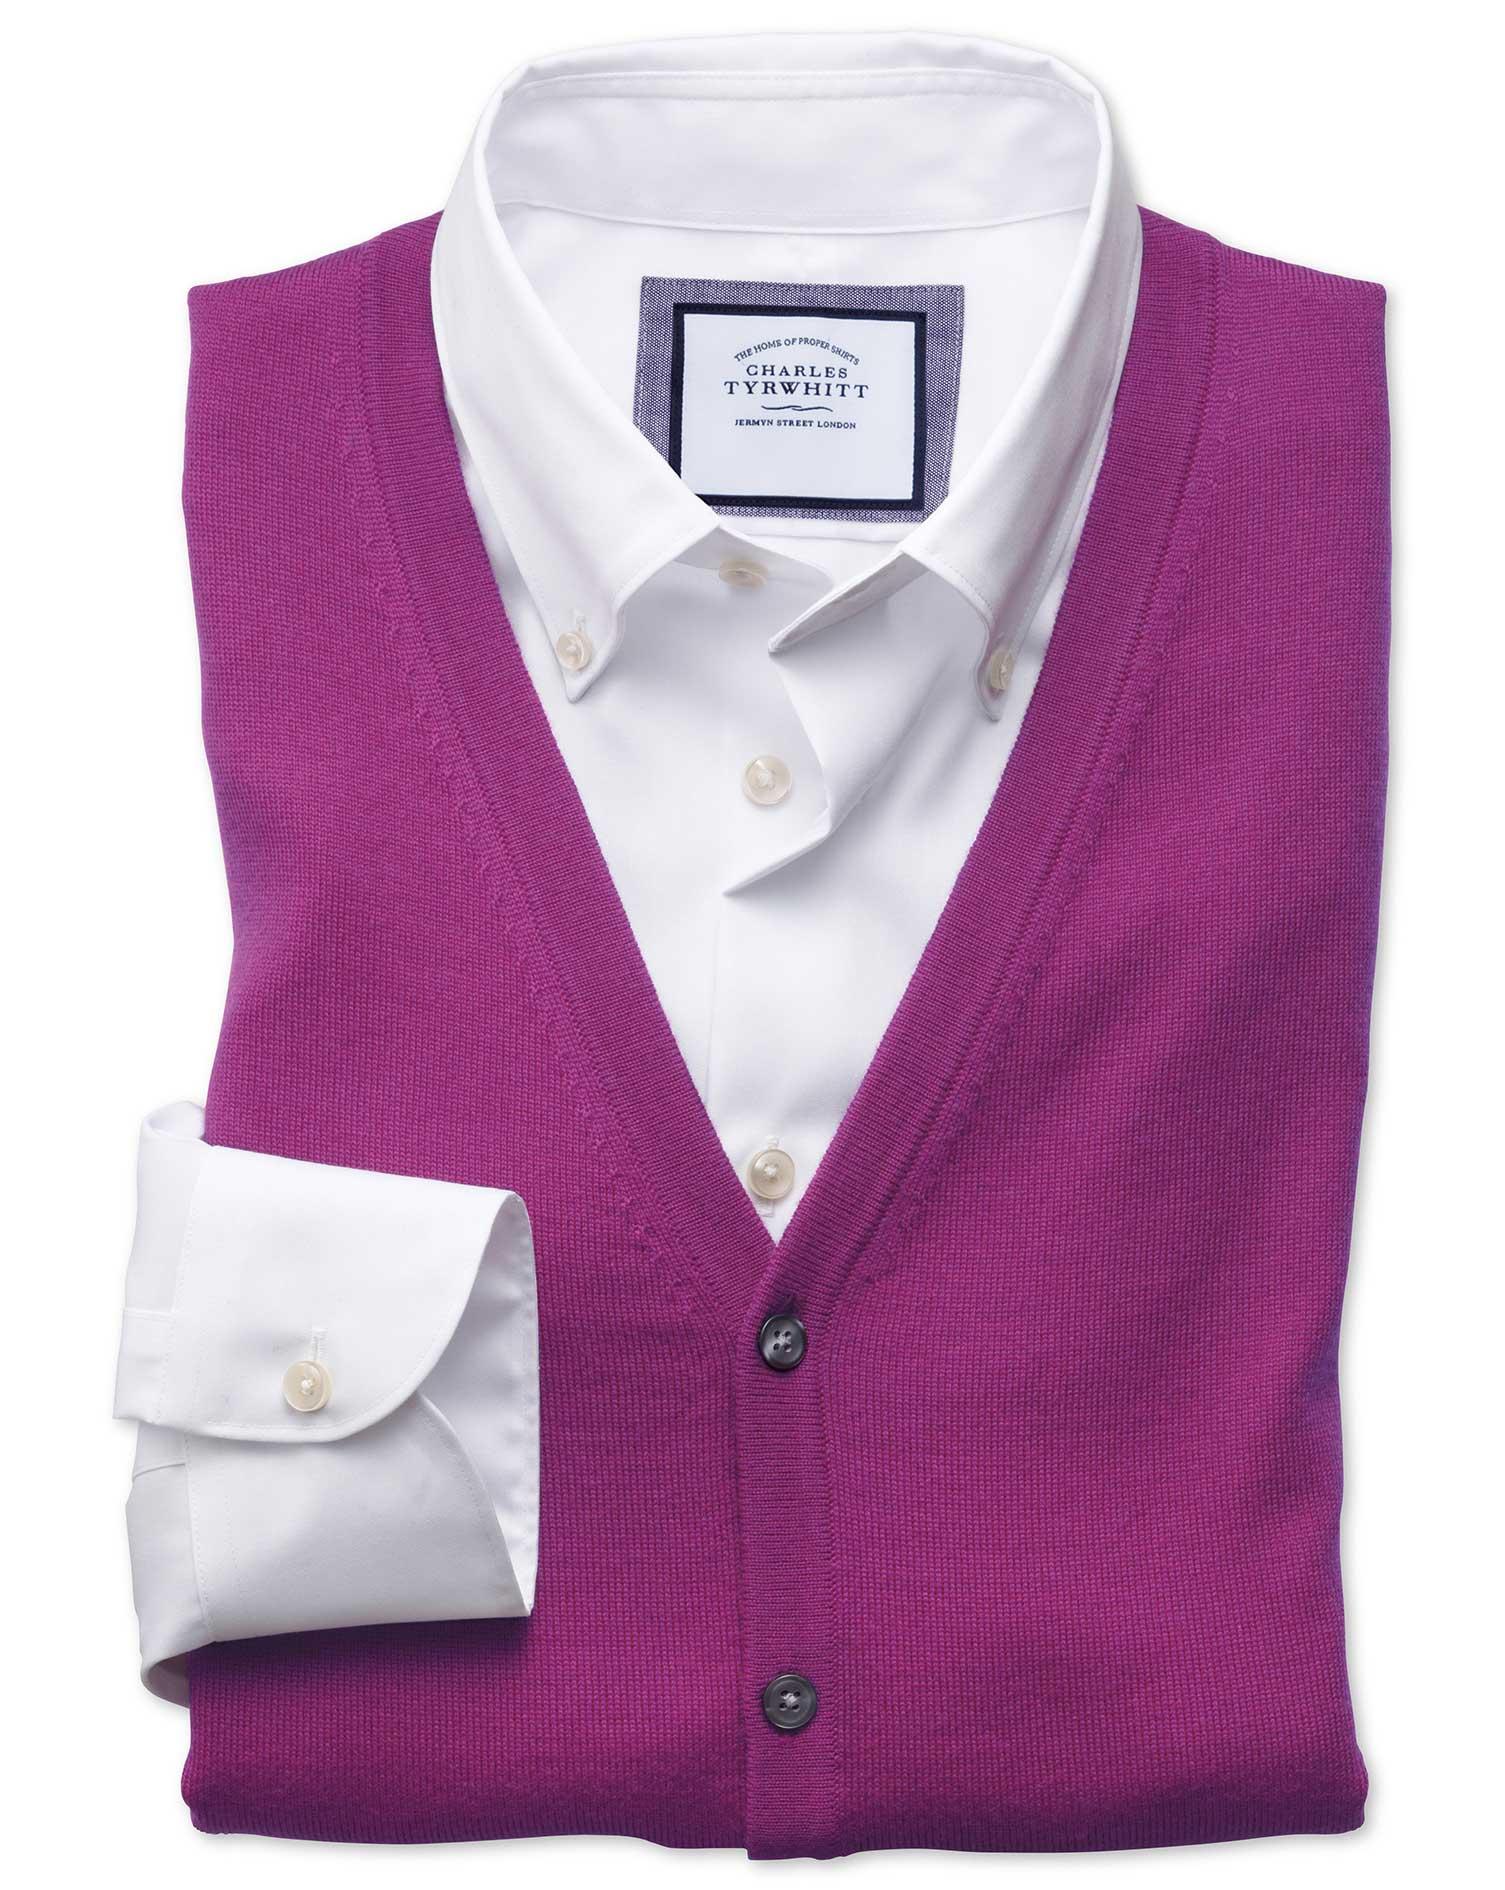 Berry Merino Wool Waistcoat Size XL by Charles Tyrwhitt